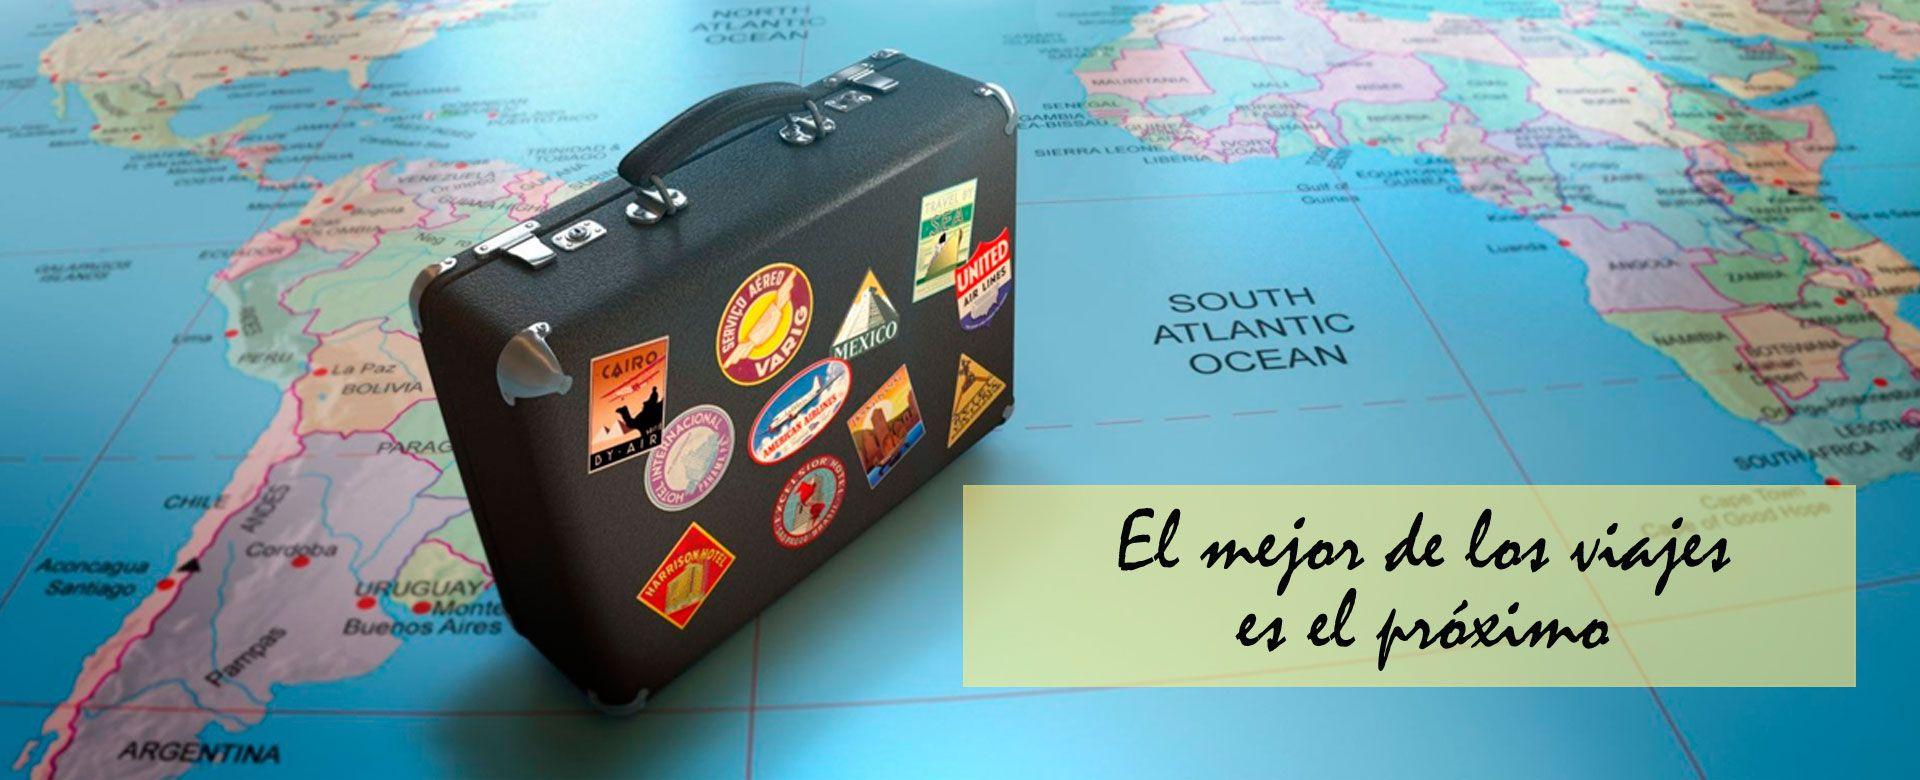 agencia-viajes-sevilla-viajes-fuentes